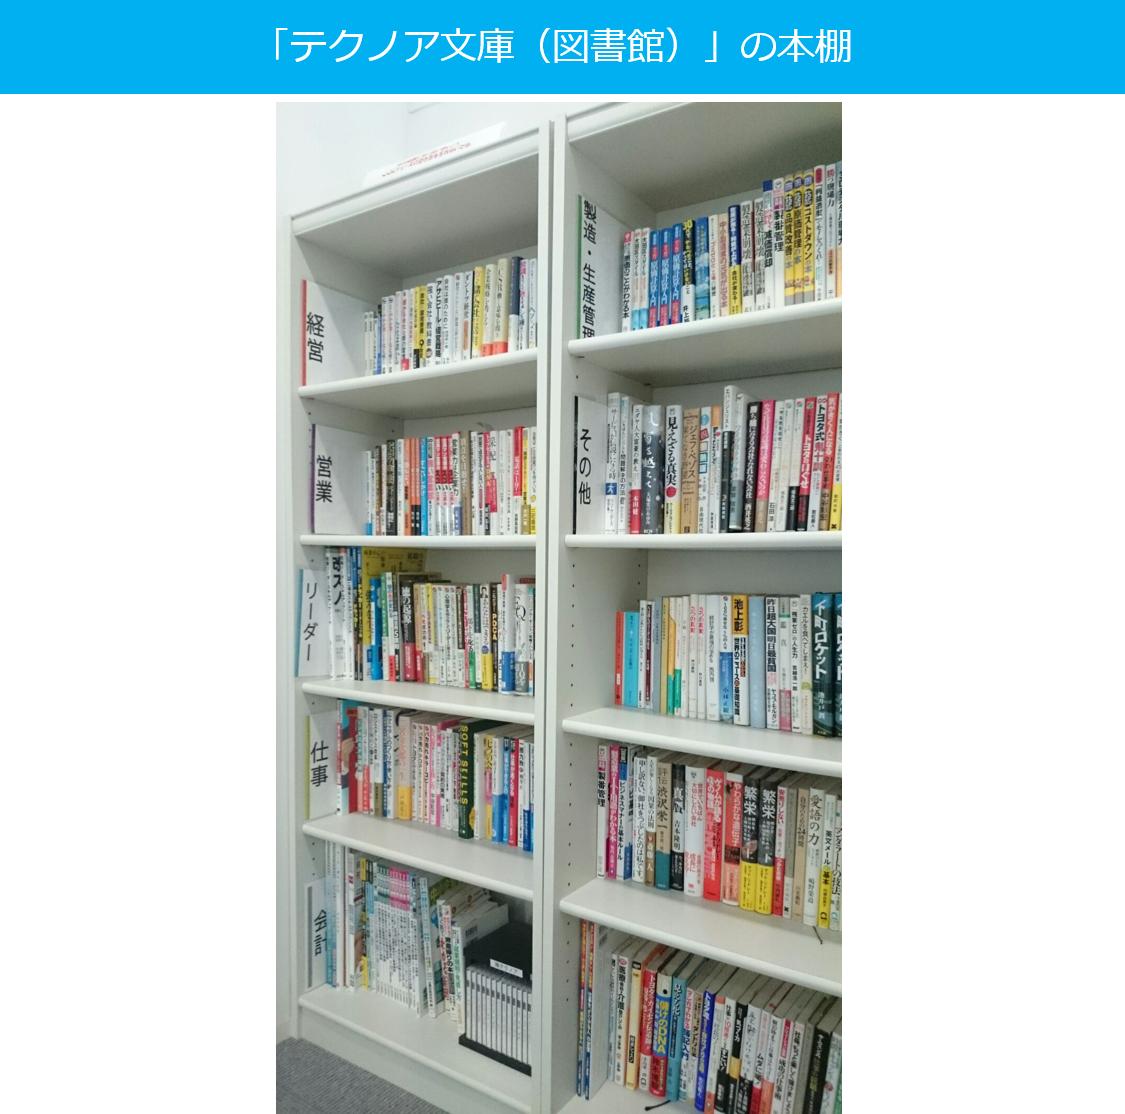 書籍買取制度を利用して本を共有!